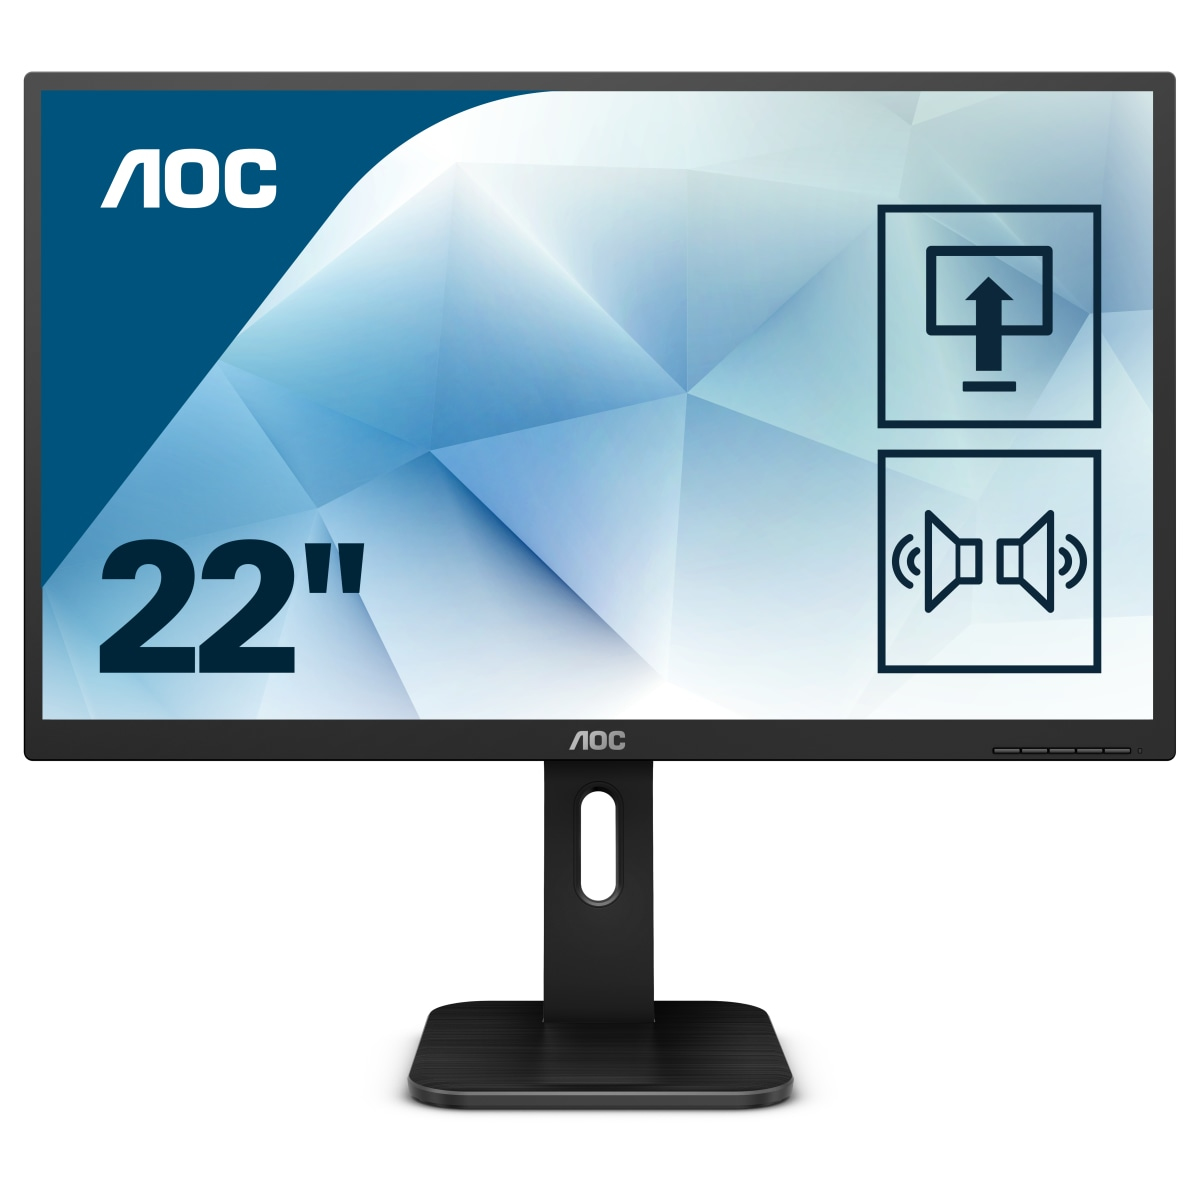 AOC Pro-line 22P1 computer monitor 54.6 cm (21.5